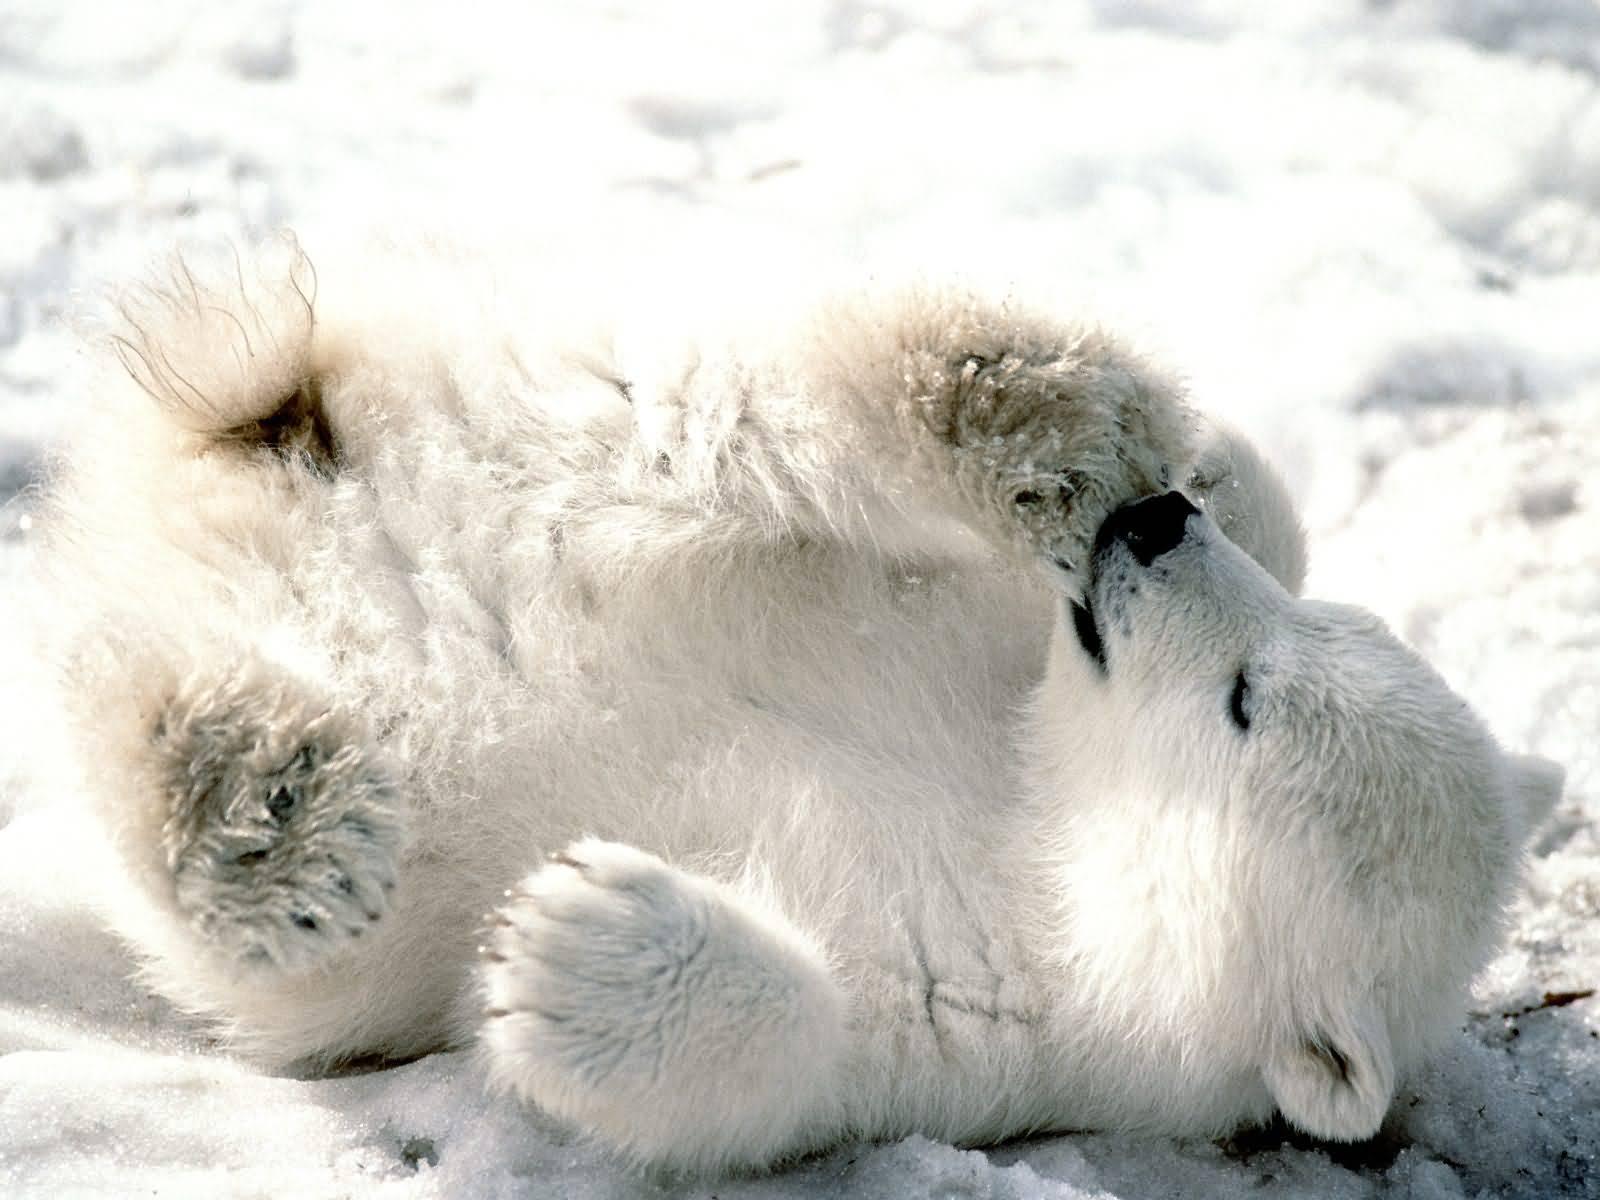 http://2.bp.blogspot.com/-re_lr39O7G8/TbXsps_I6rI/AAAAAAAAAcU/wpTM-SxKHek/s1600/polar-bear-wallpaper-867.jpg